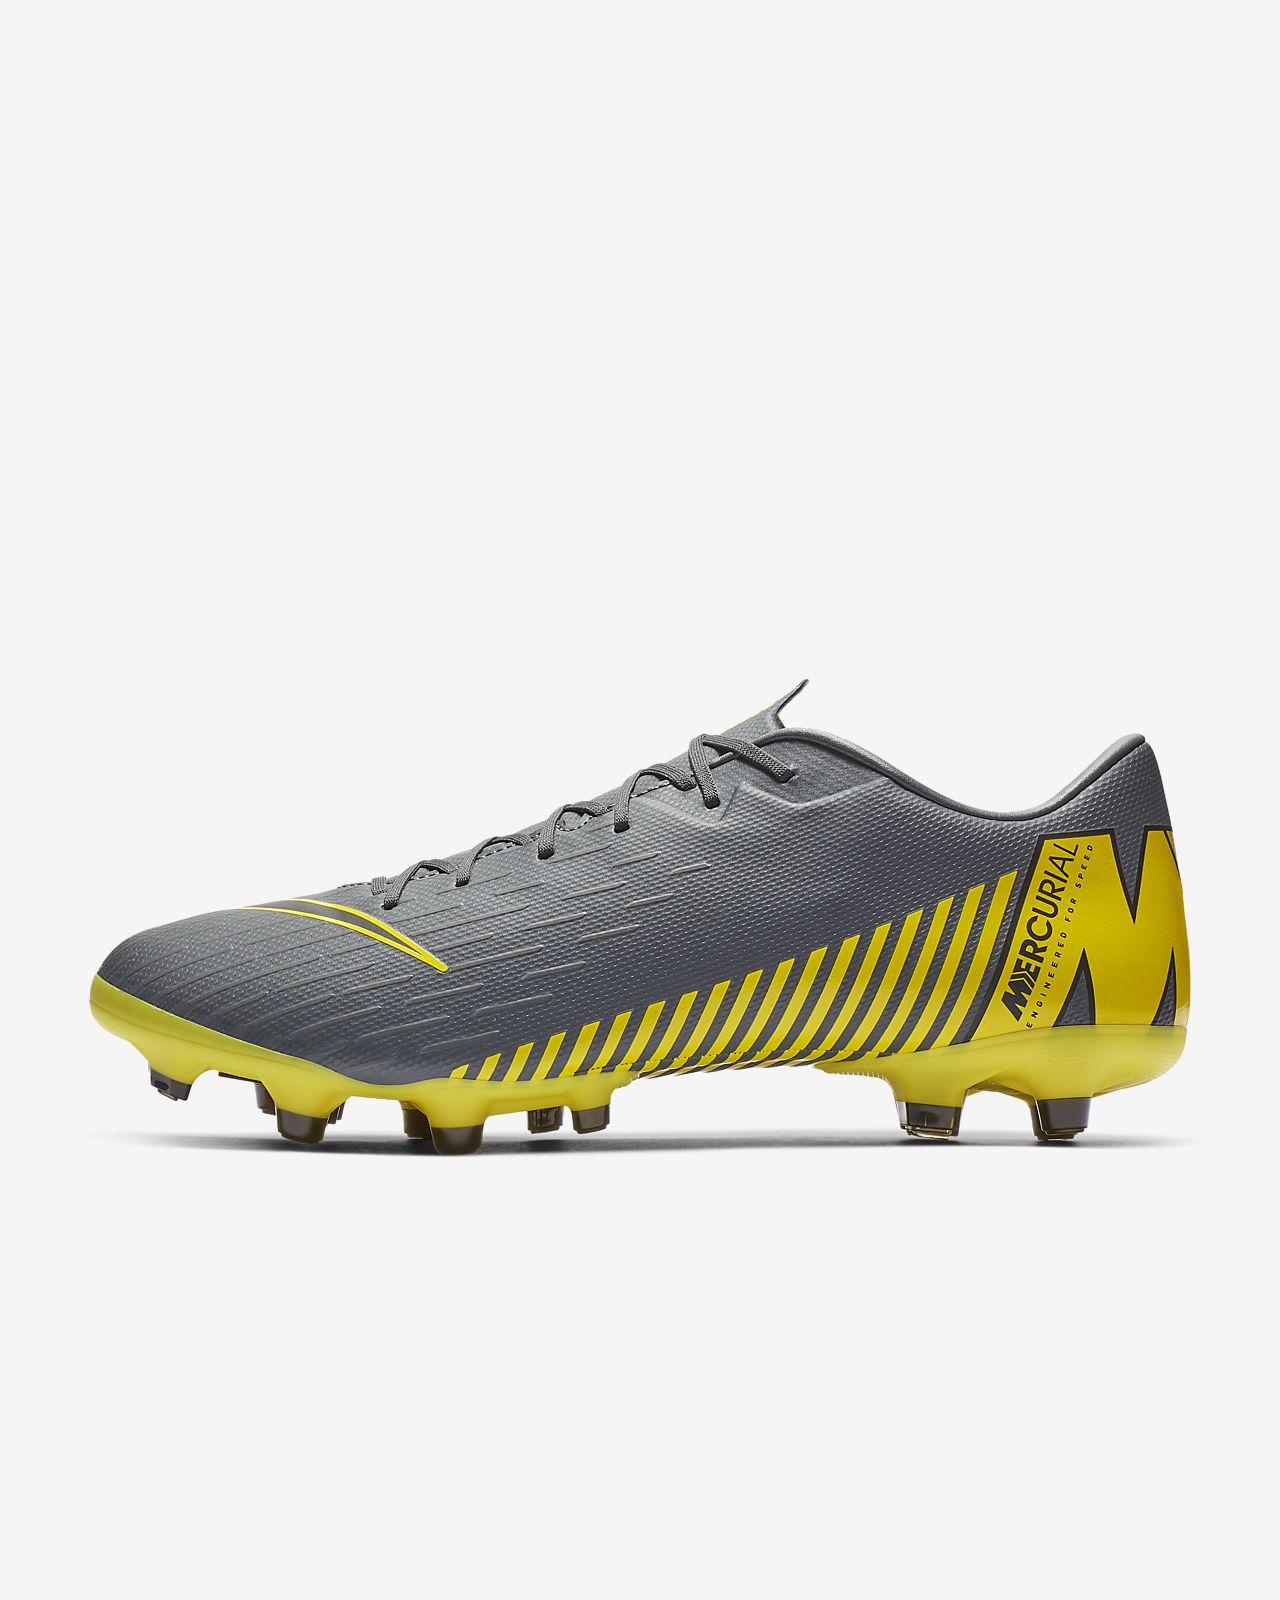 Ποδοσφαιρικό παπούτσι για διαφορετικές επιφάνειες Nike Vapor 12 Academy MG